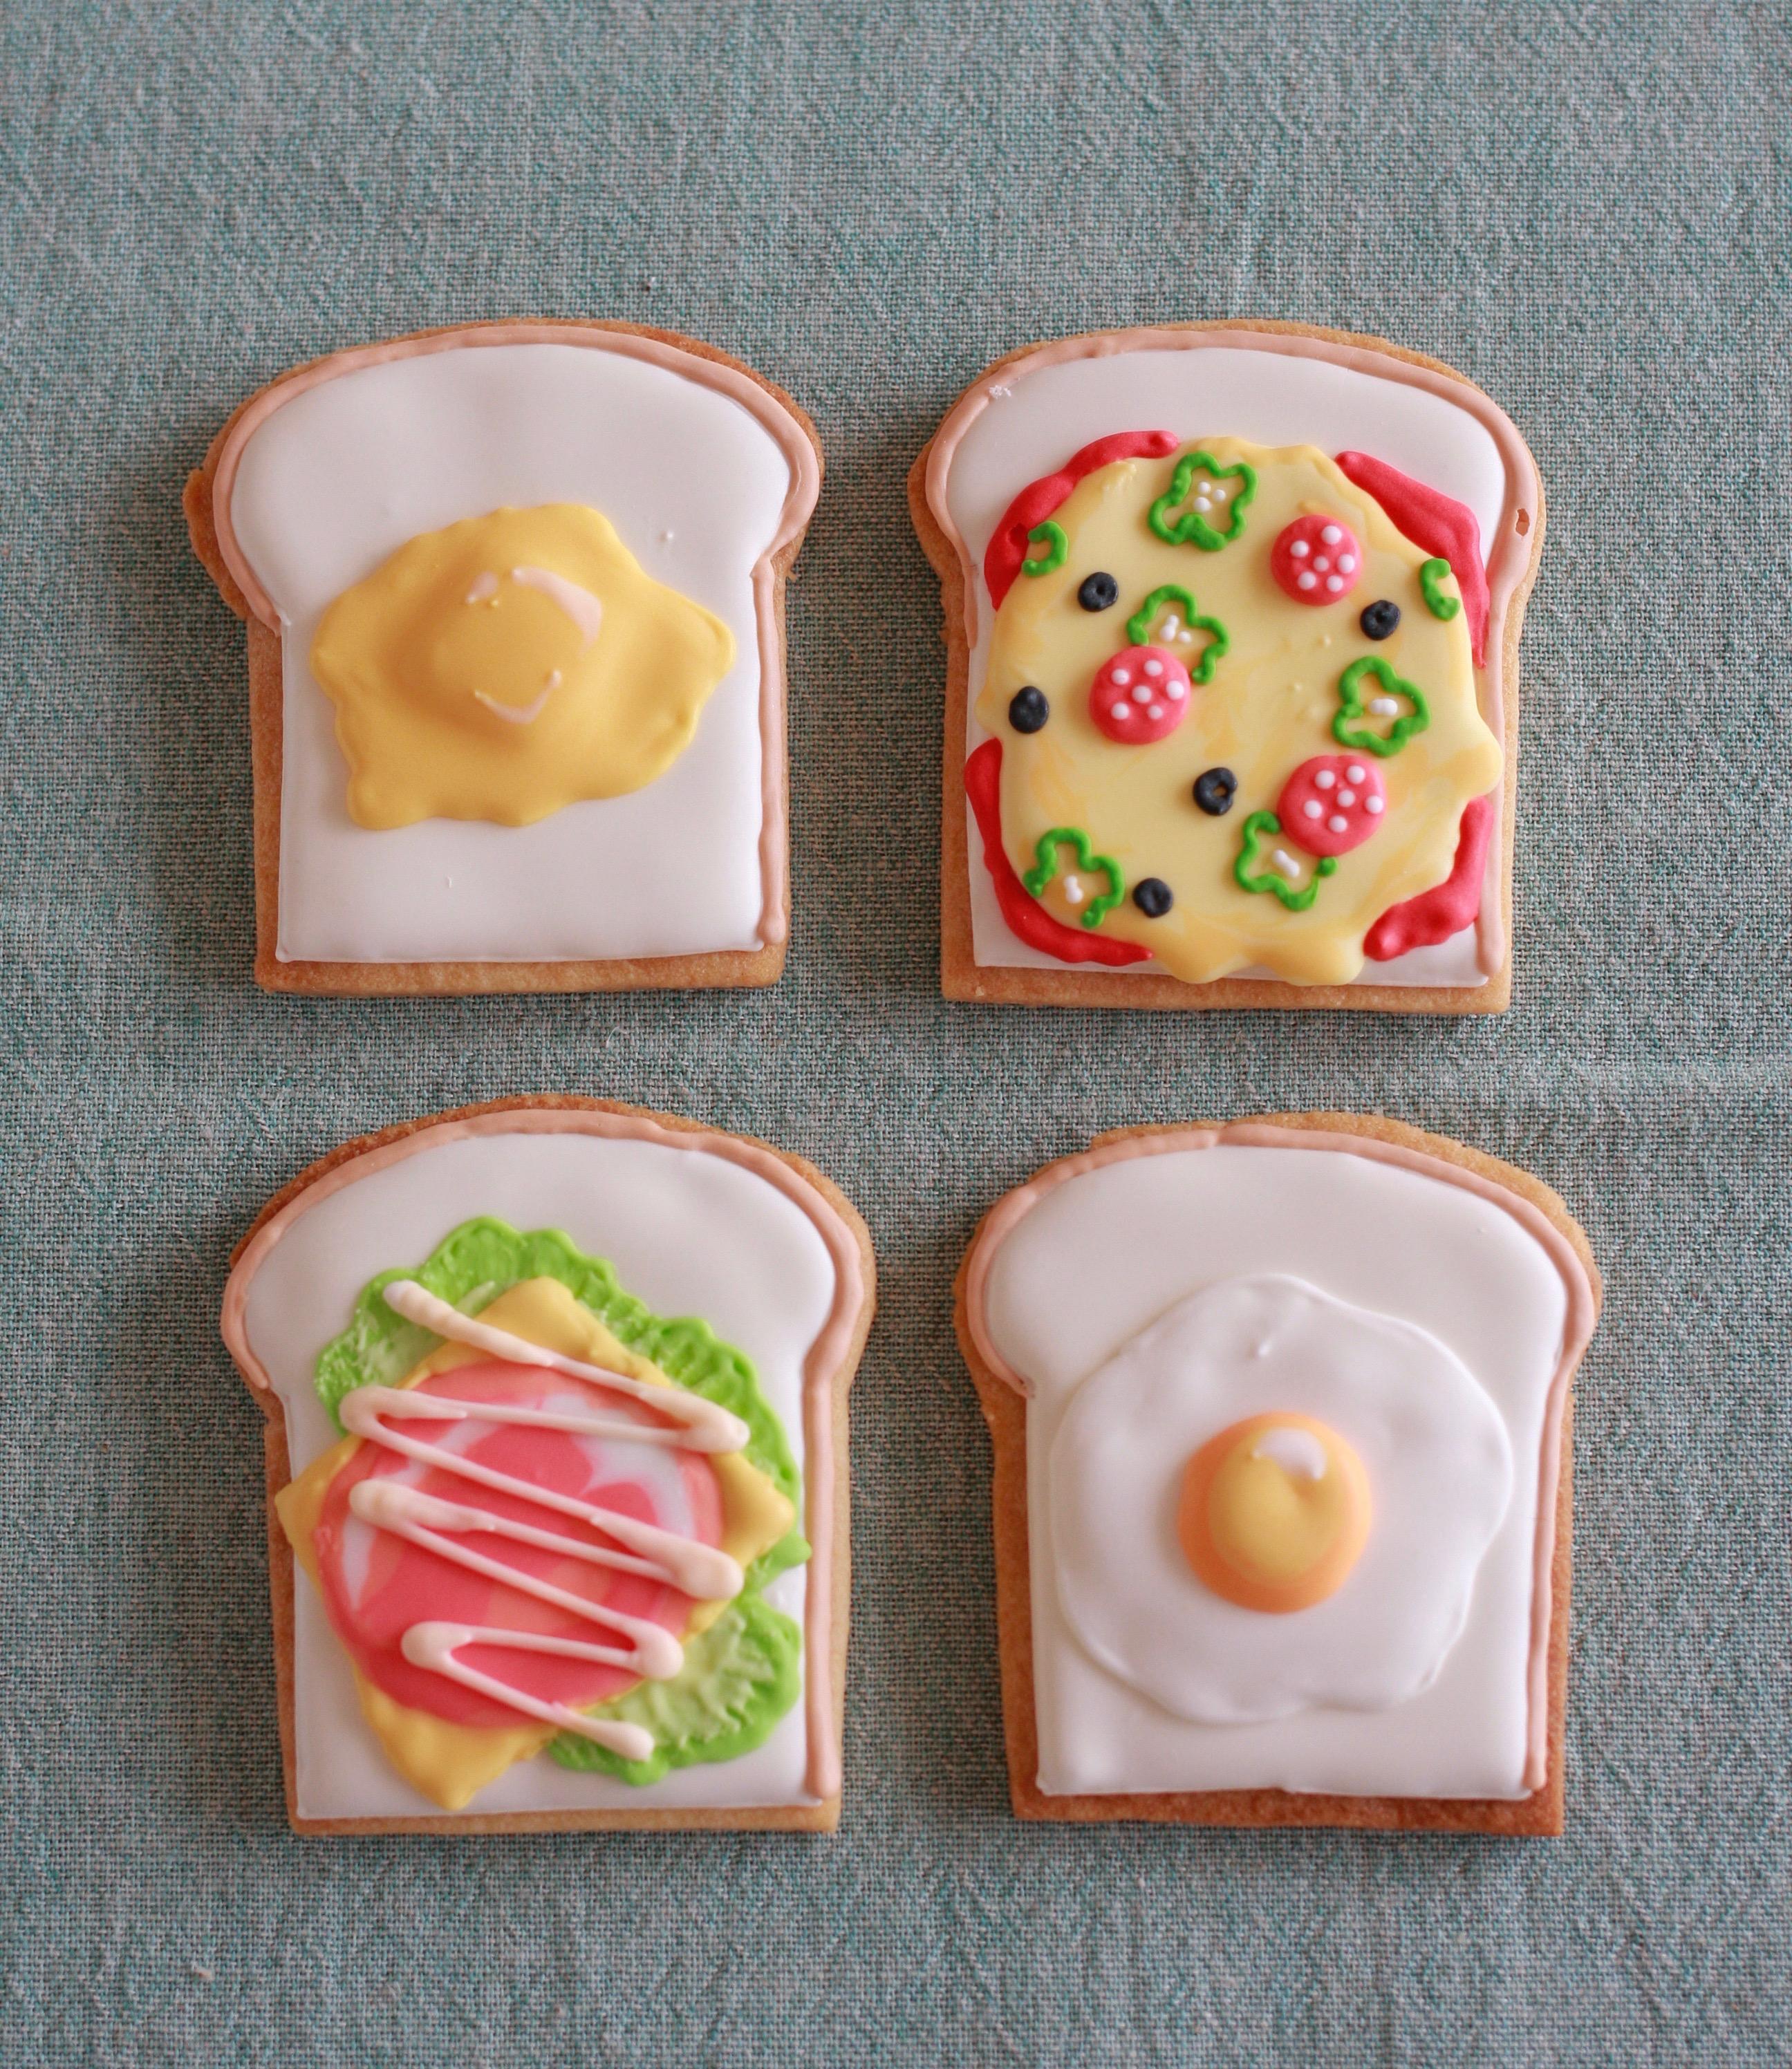 オープンサンドアイシングクッキー